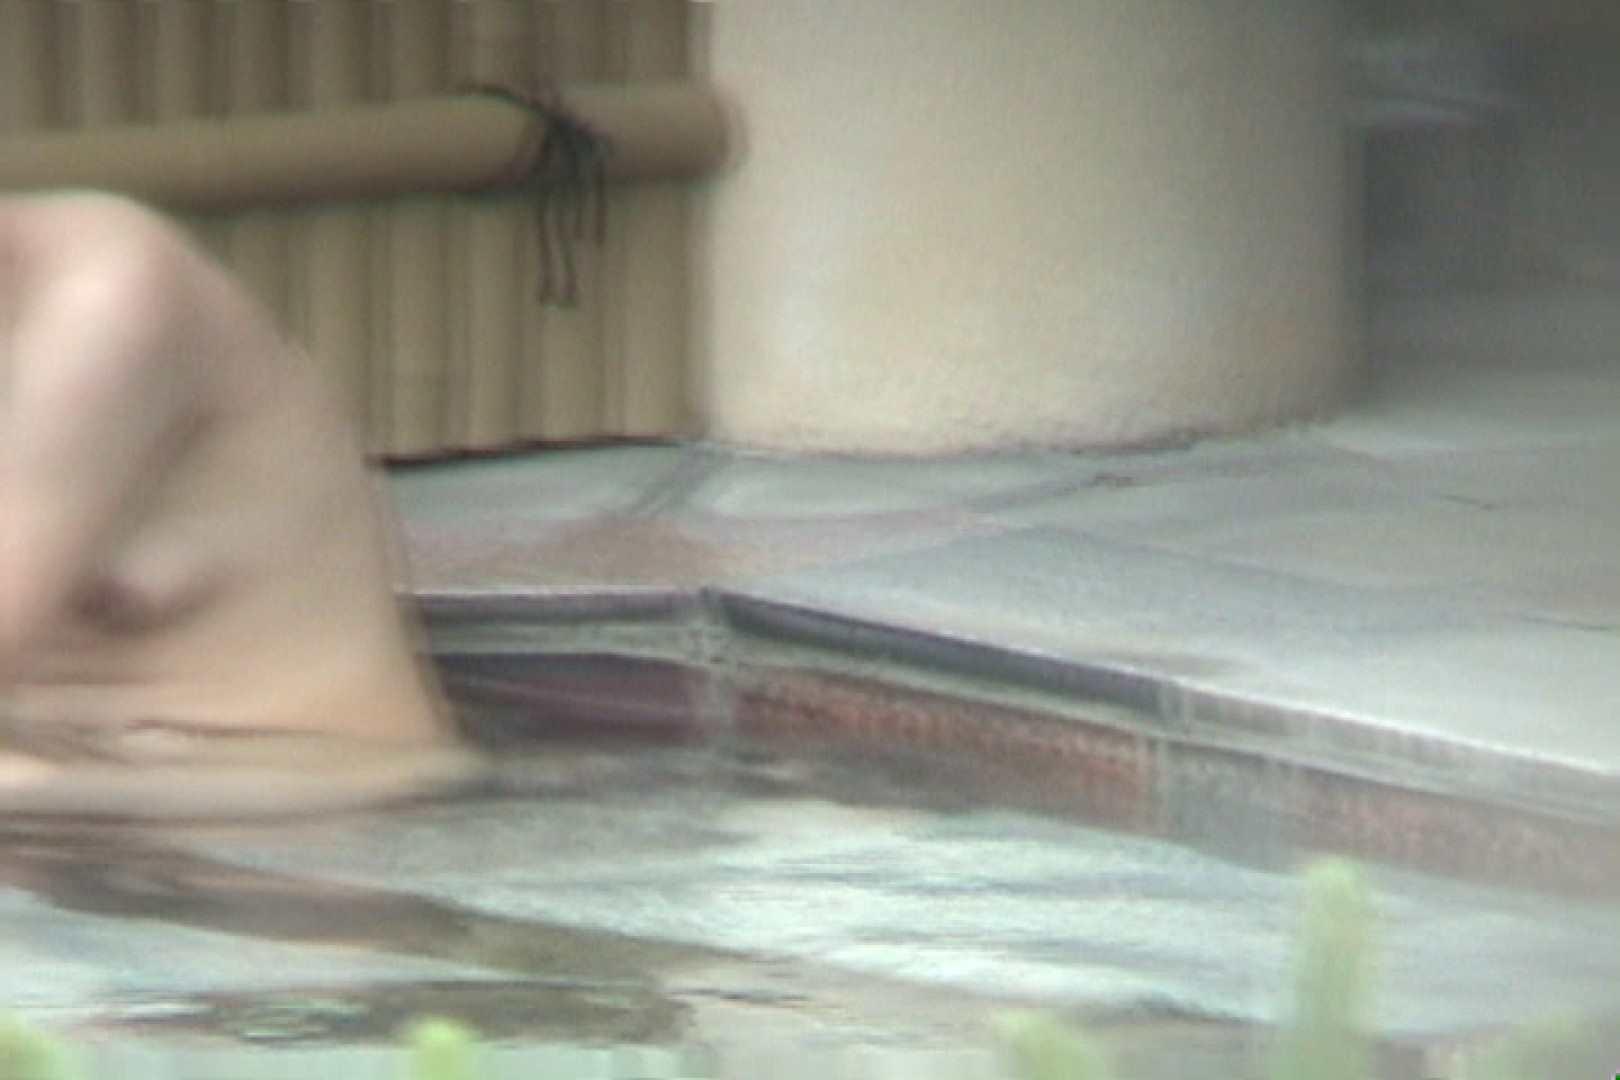 Aquaな露天風呂Vol.558 露天風呂 | 盗撮動画  11枚 5